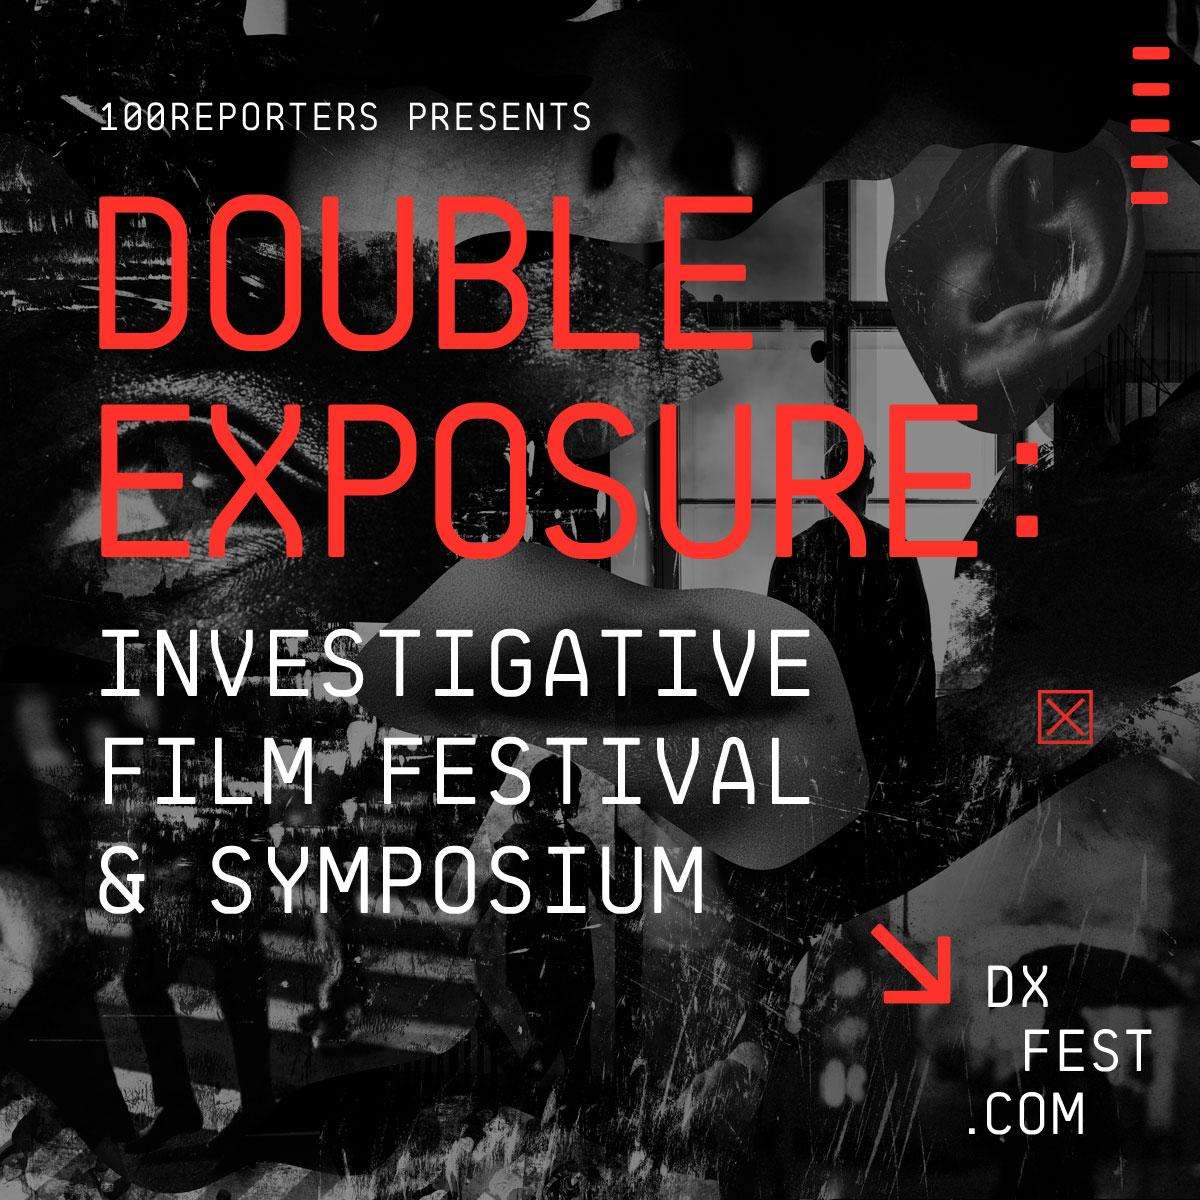 2019 Schedule - Double Exposure Investigative Film Festival and Symposium